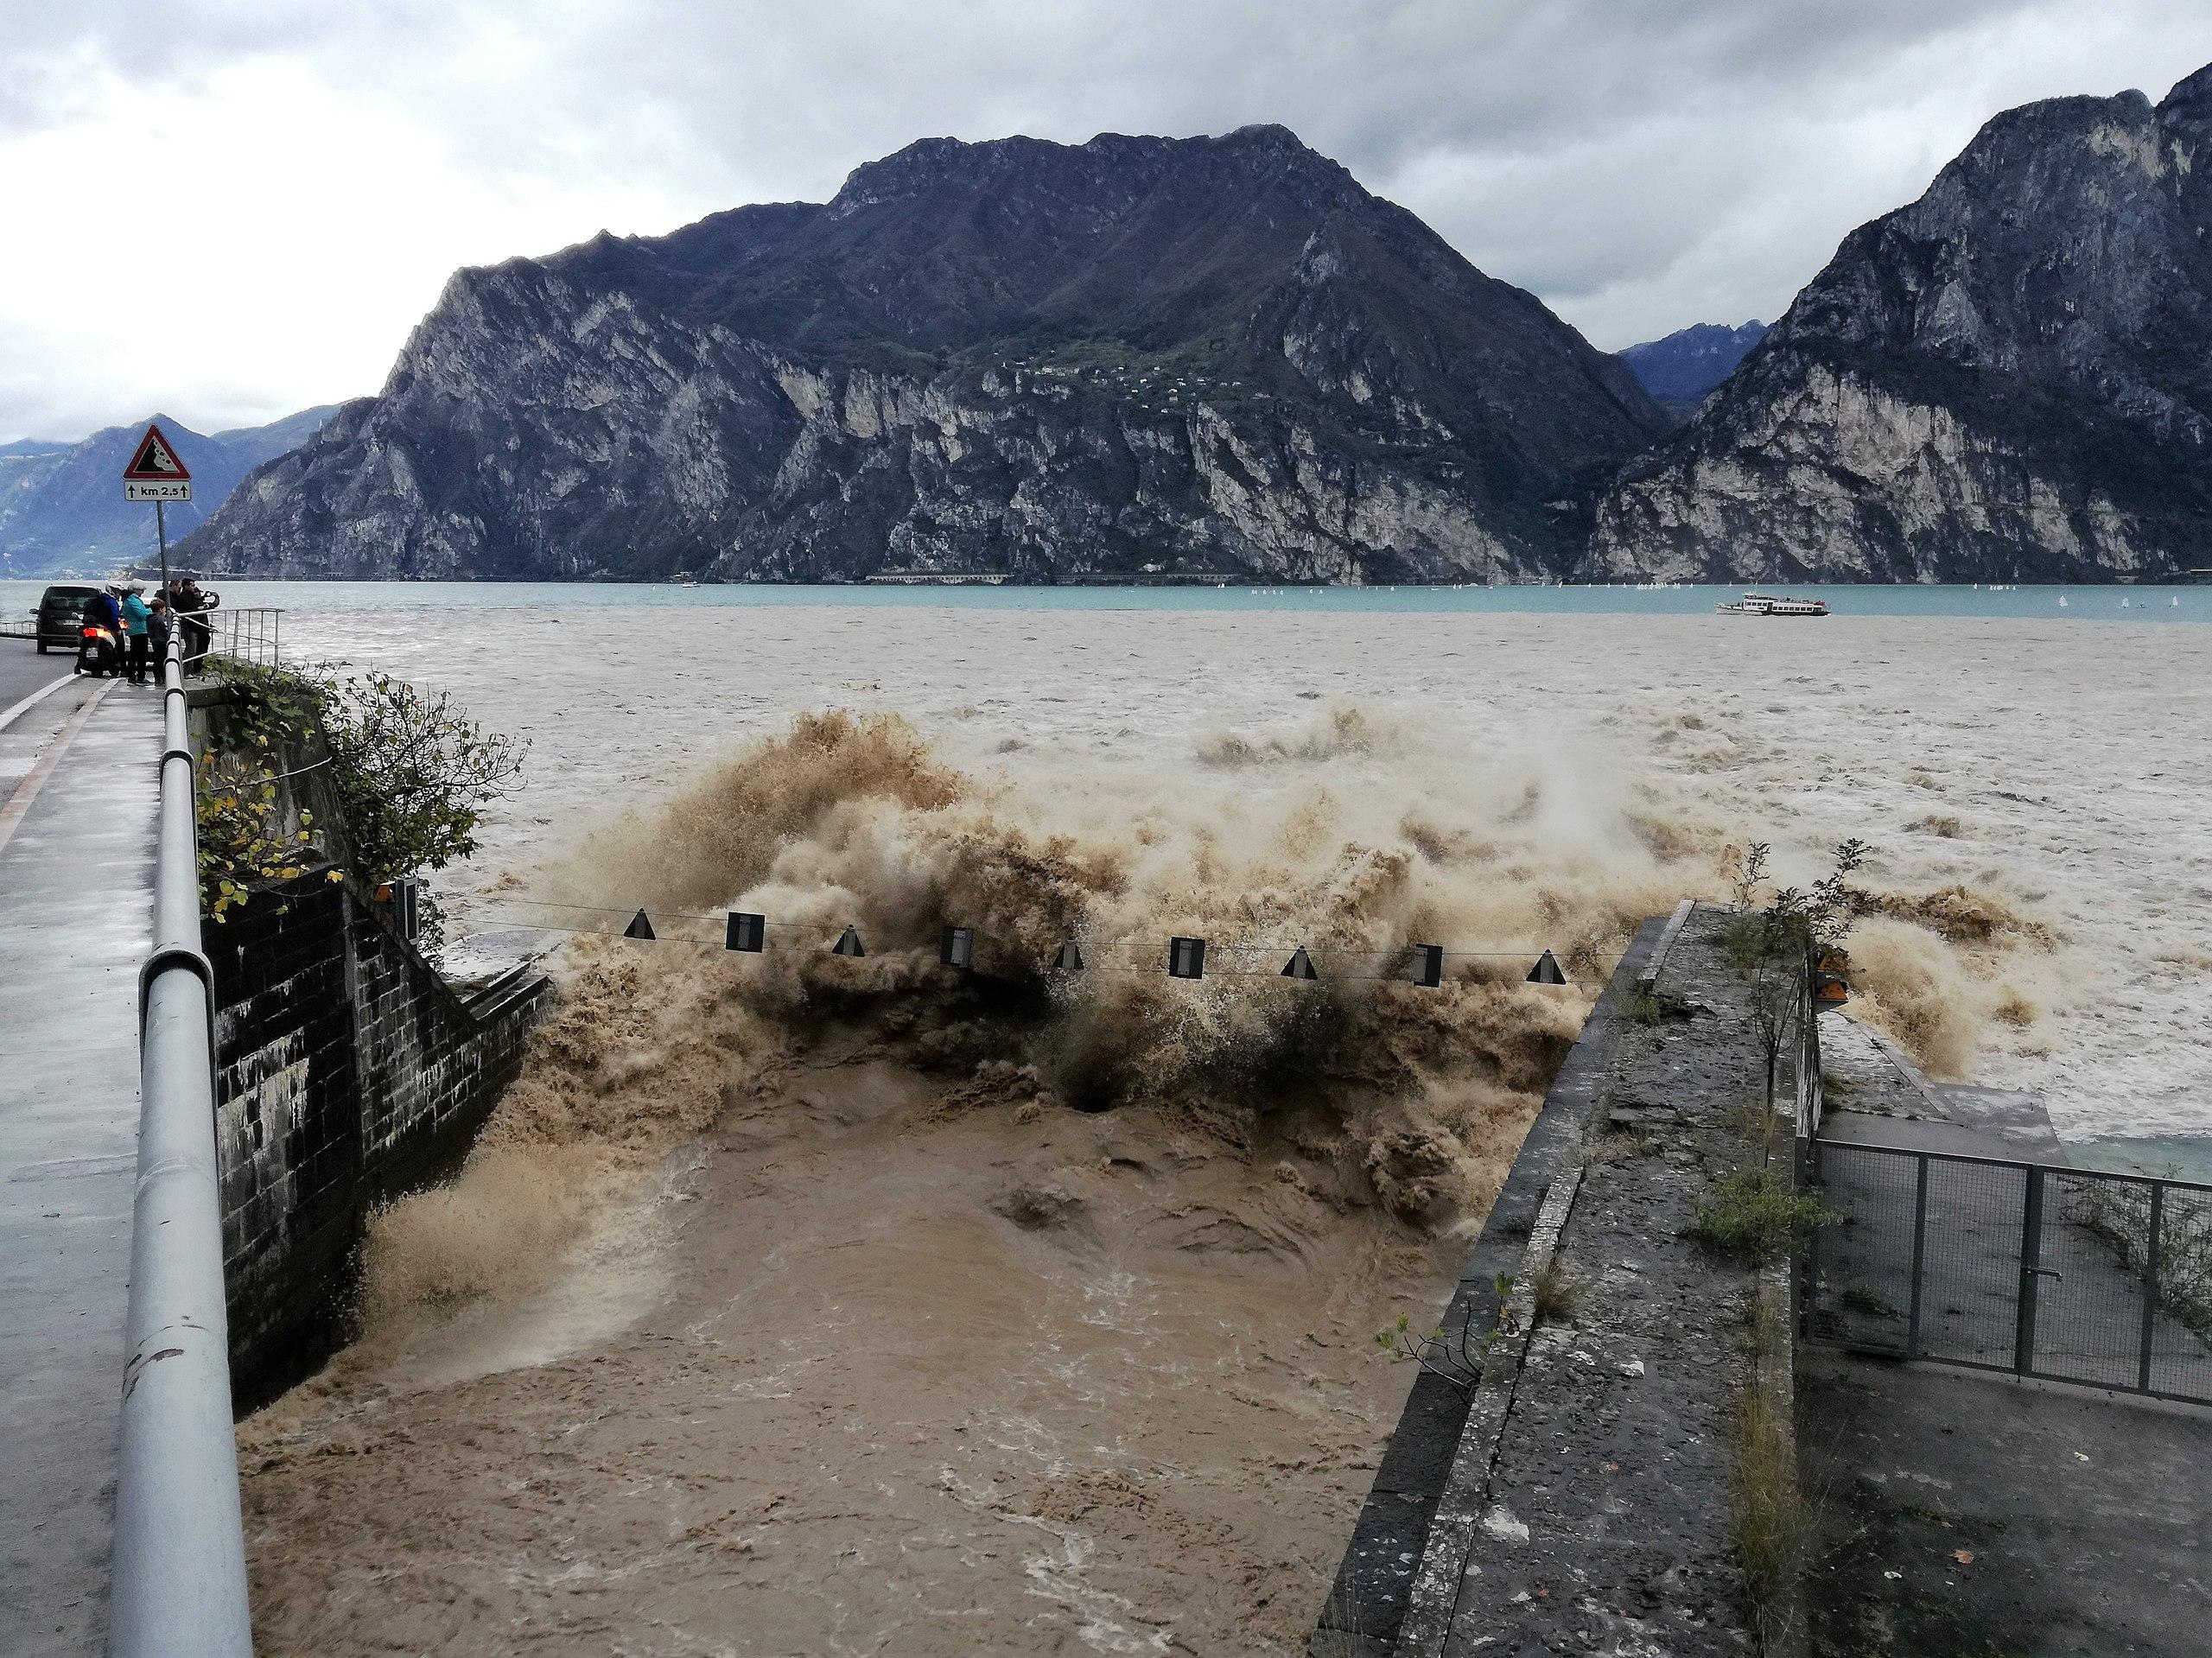 Torbole: Offene Hochwasserentlastung und Schifffahrt um den Auslass verboten